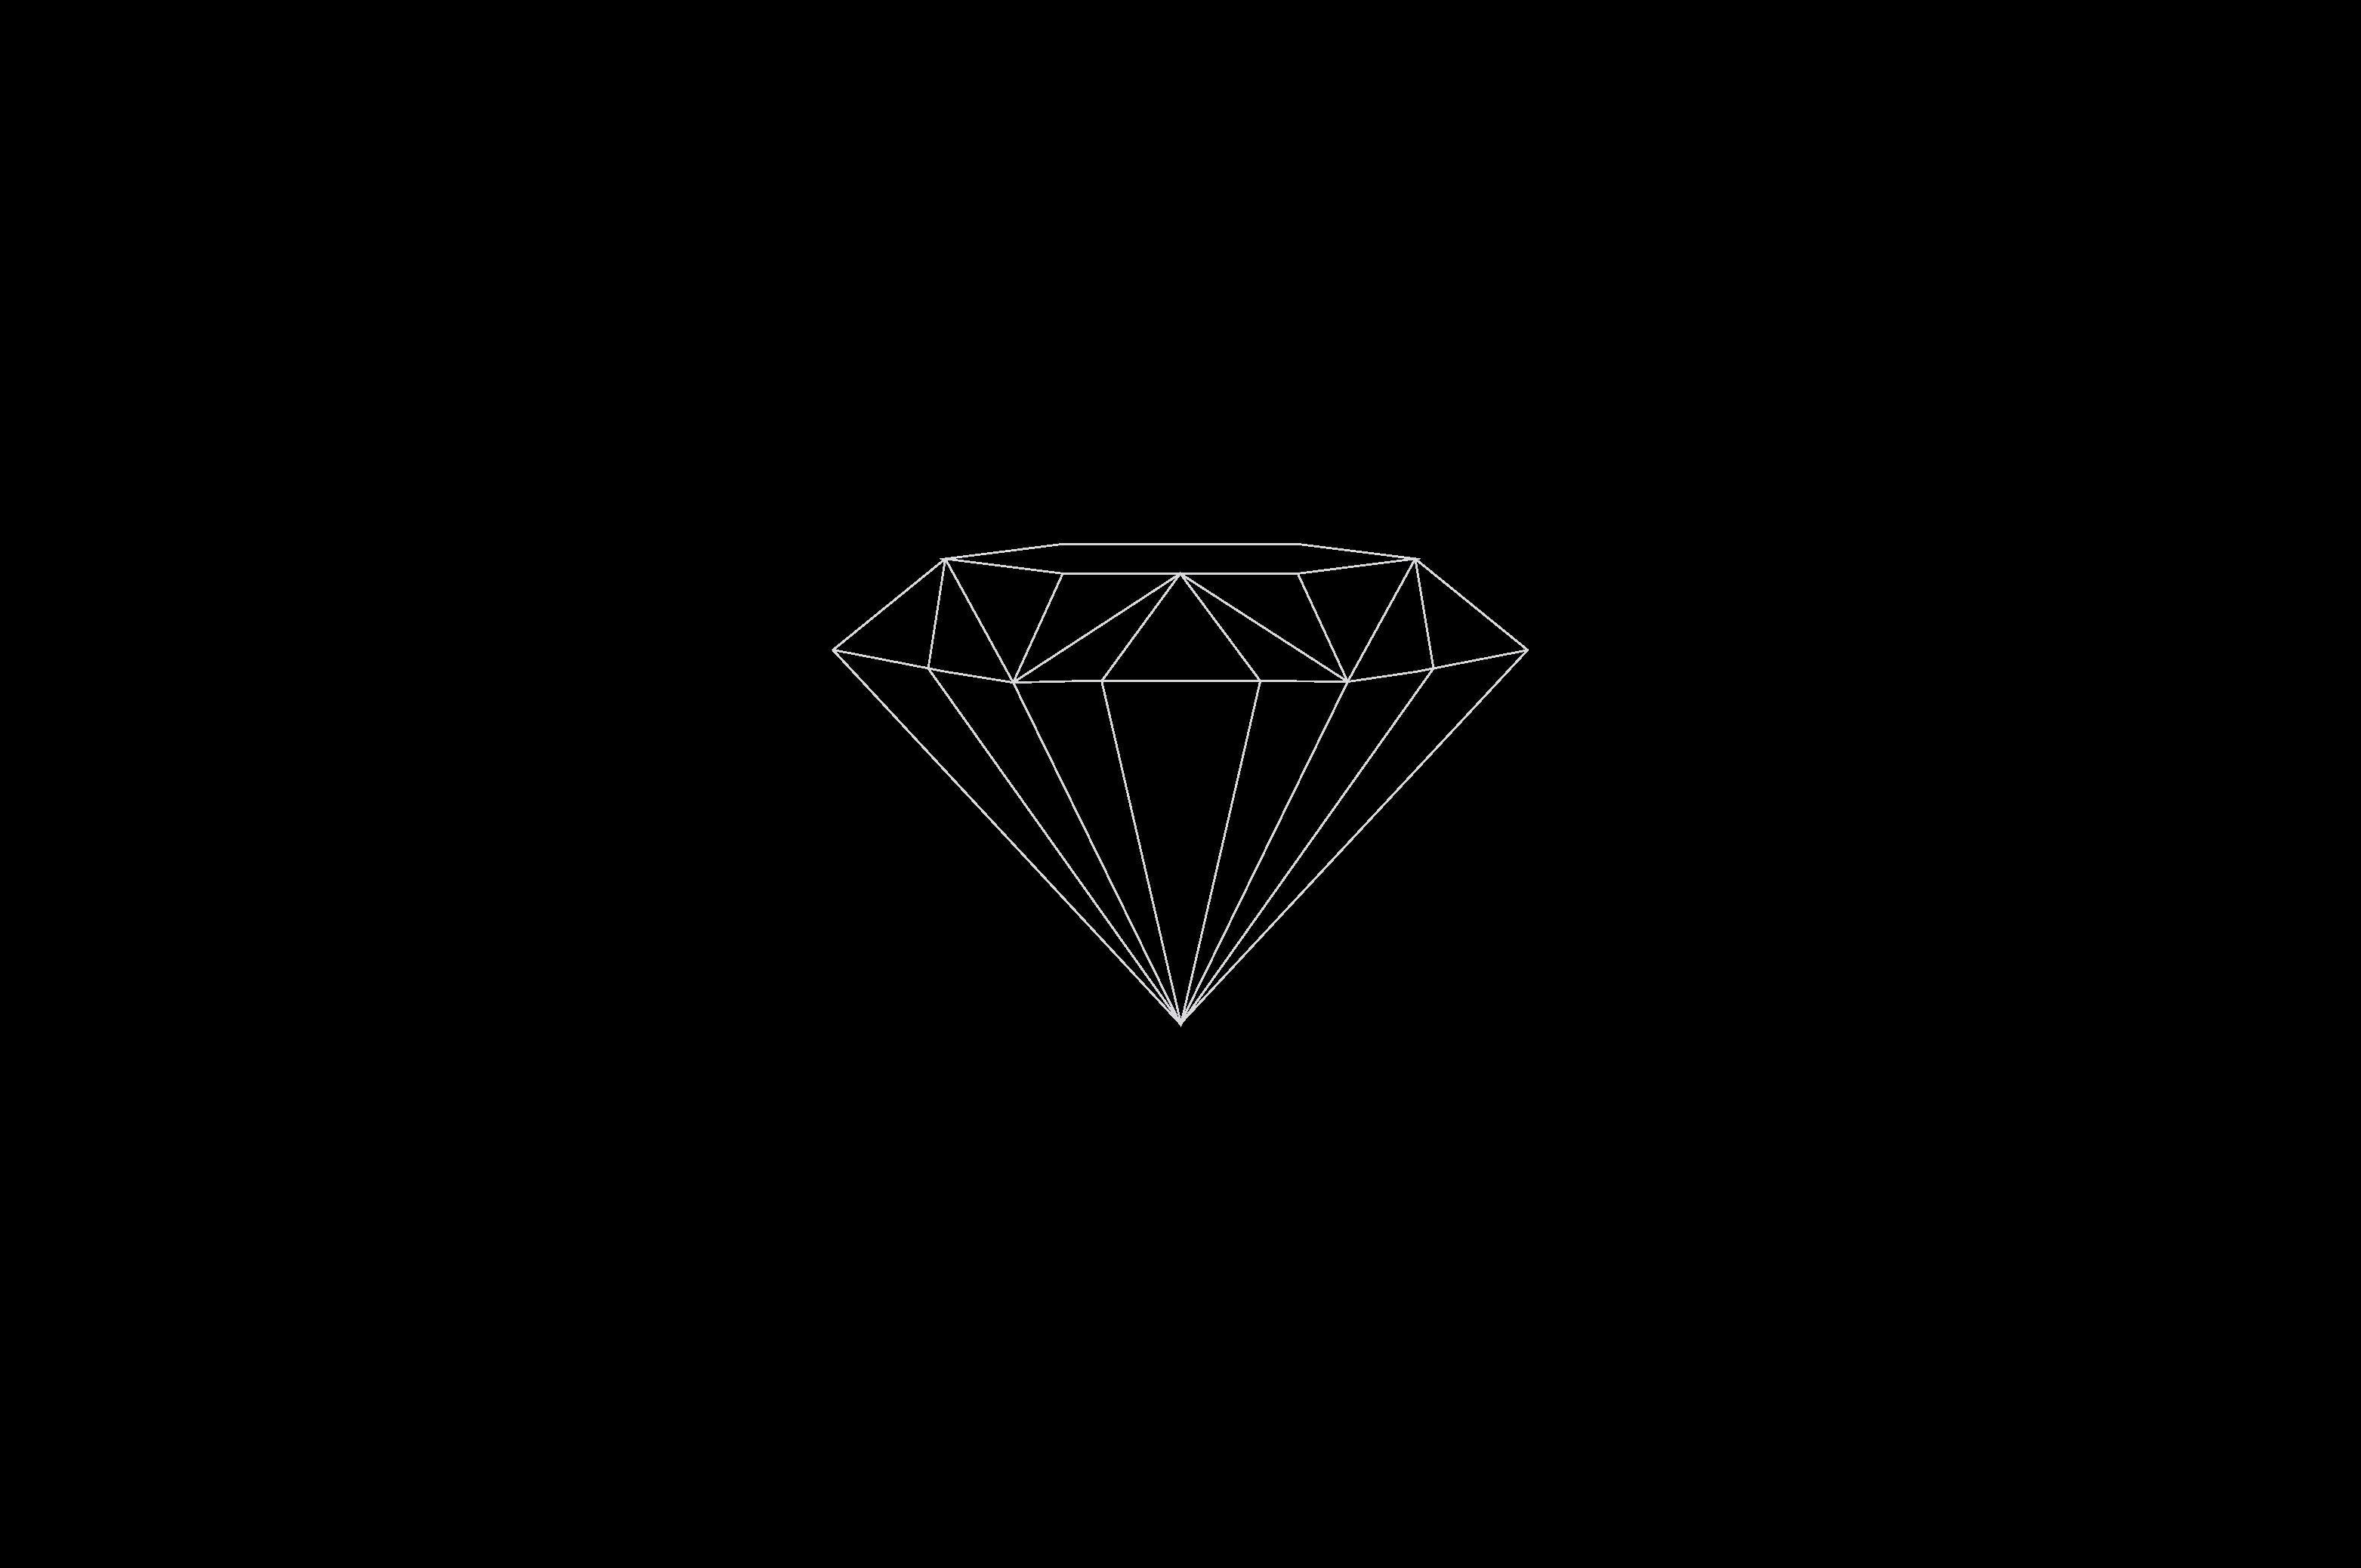 Joia: anel;Material: prata 925;Cor: cor-de-rosa;Tamanho: 6;Género: mulher